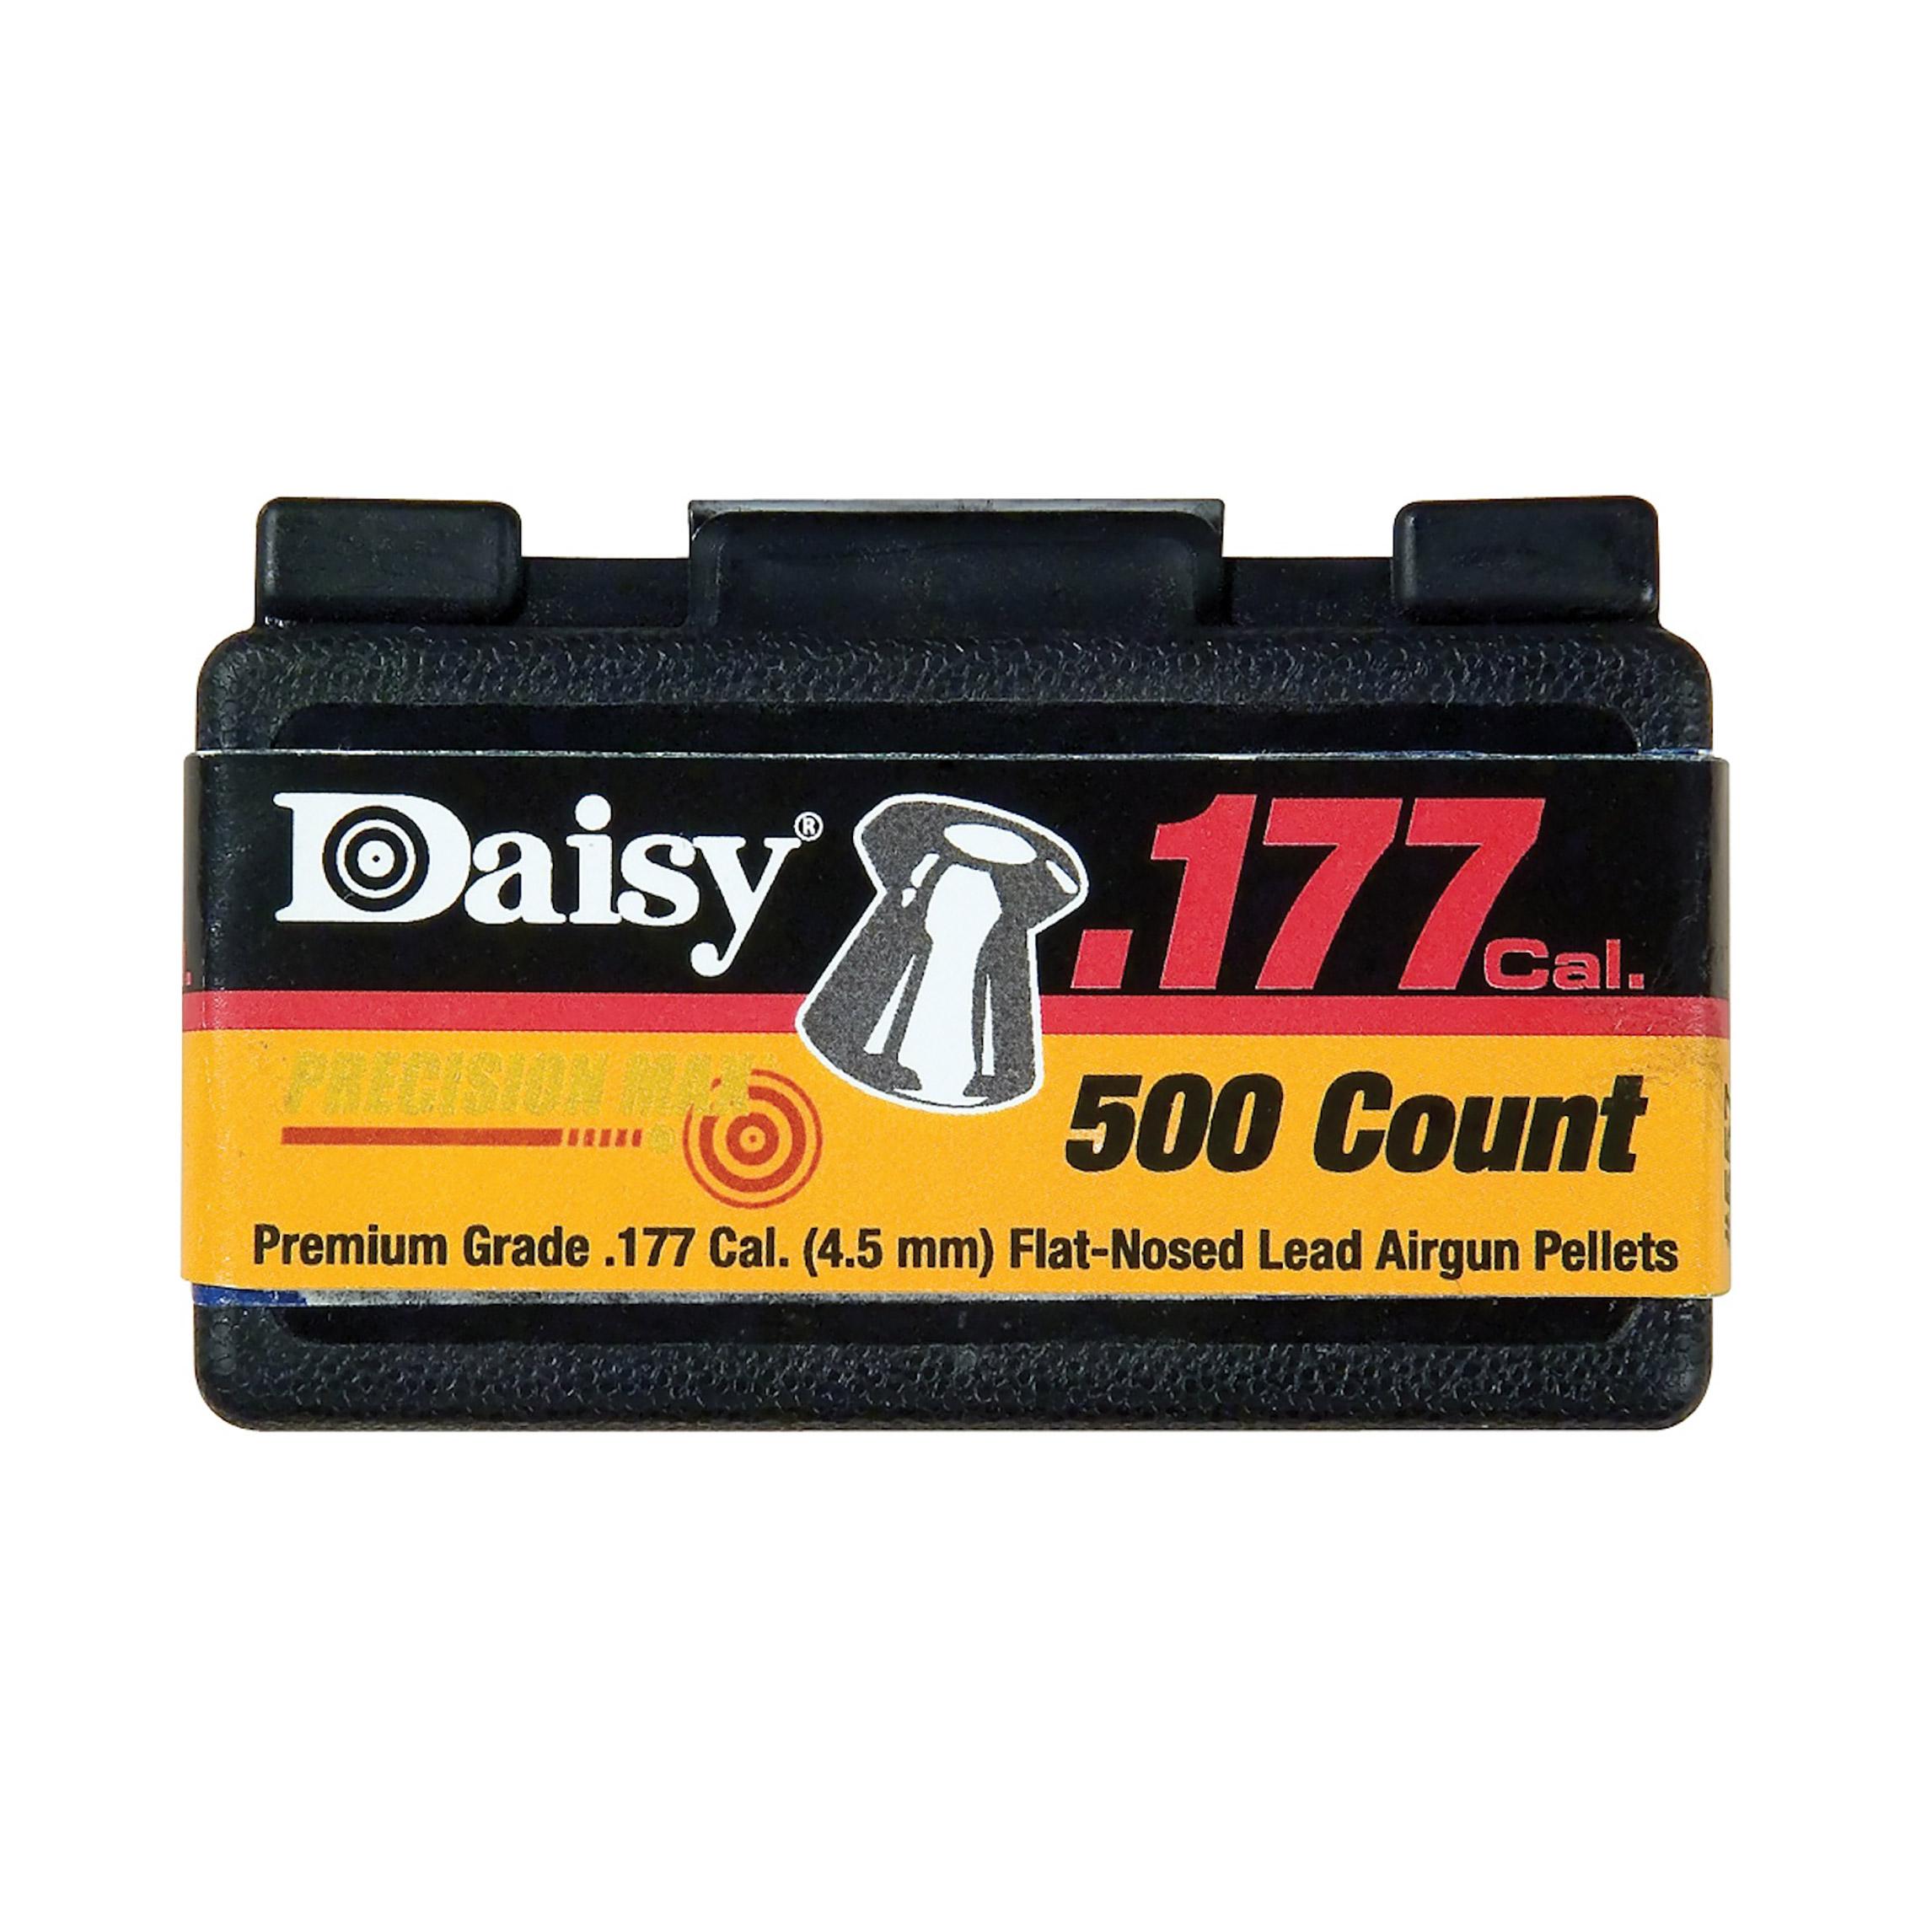 Daisy .177 Pellets